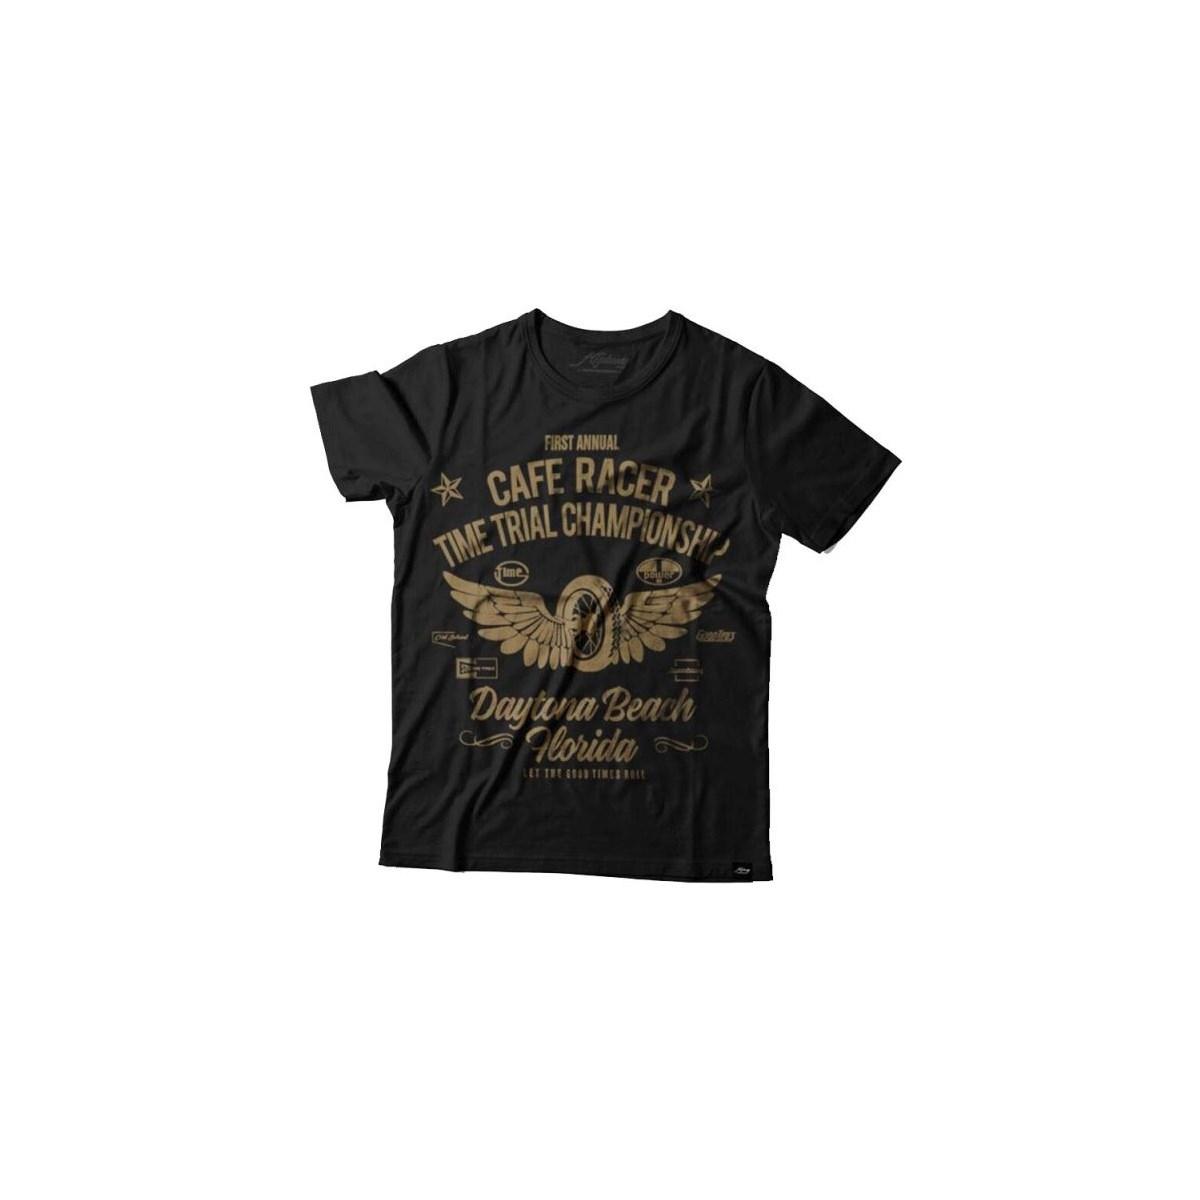 Camiseta Highway Daytona